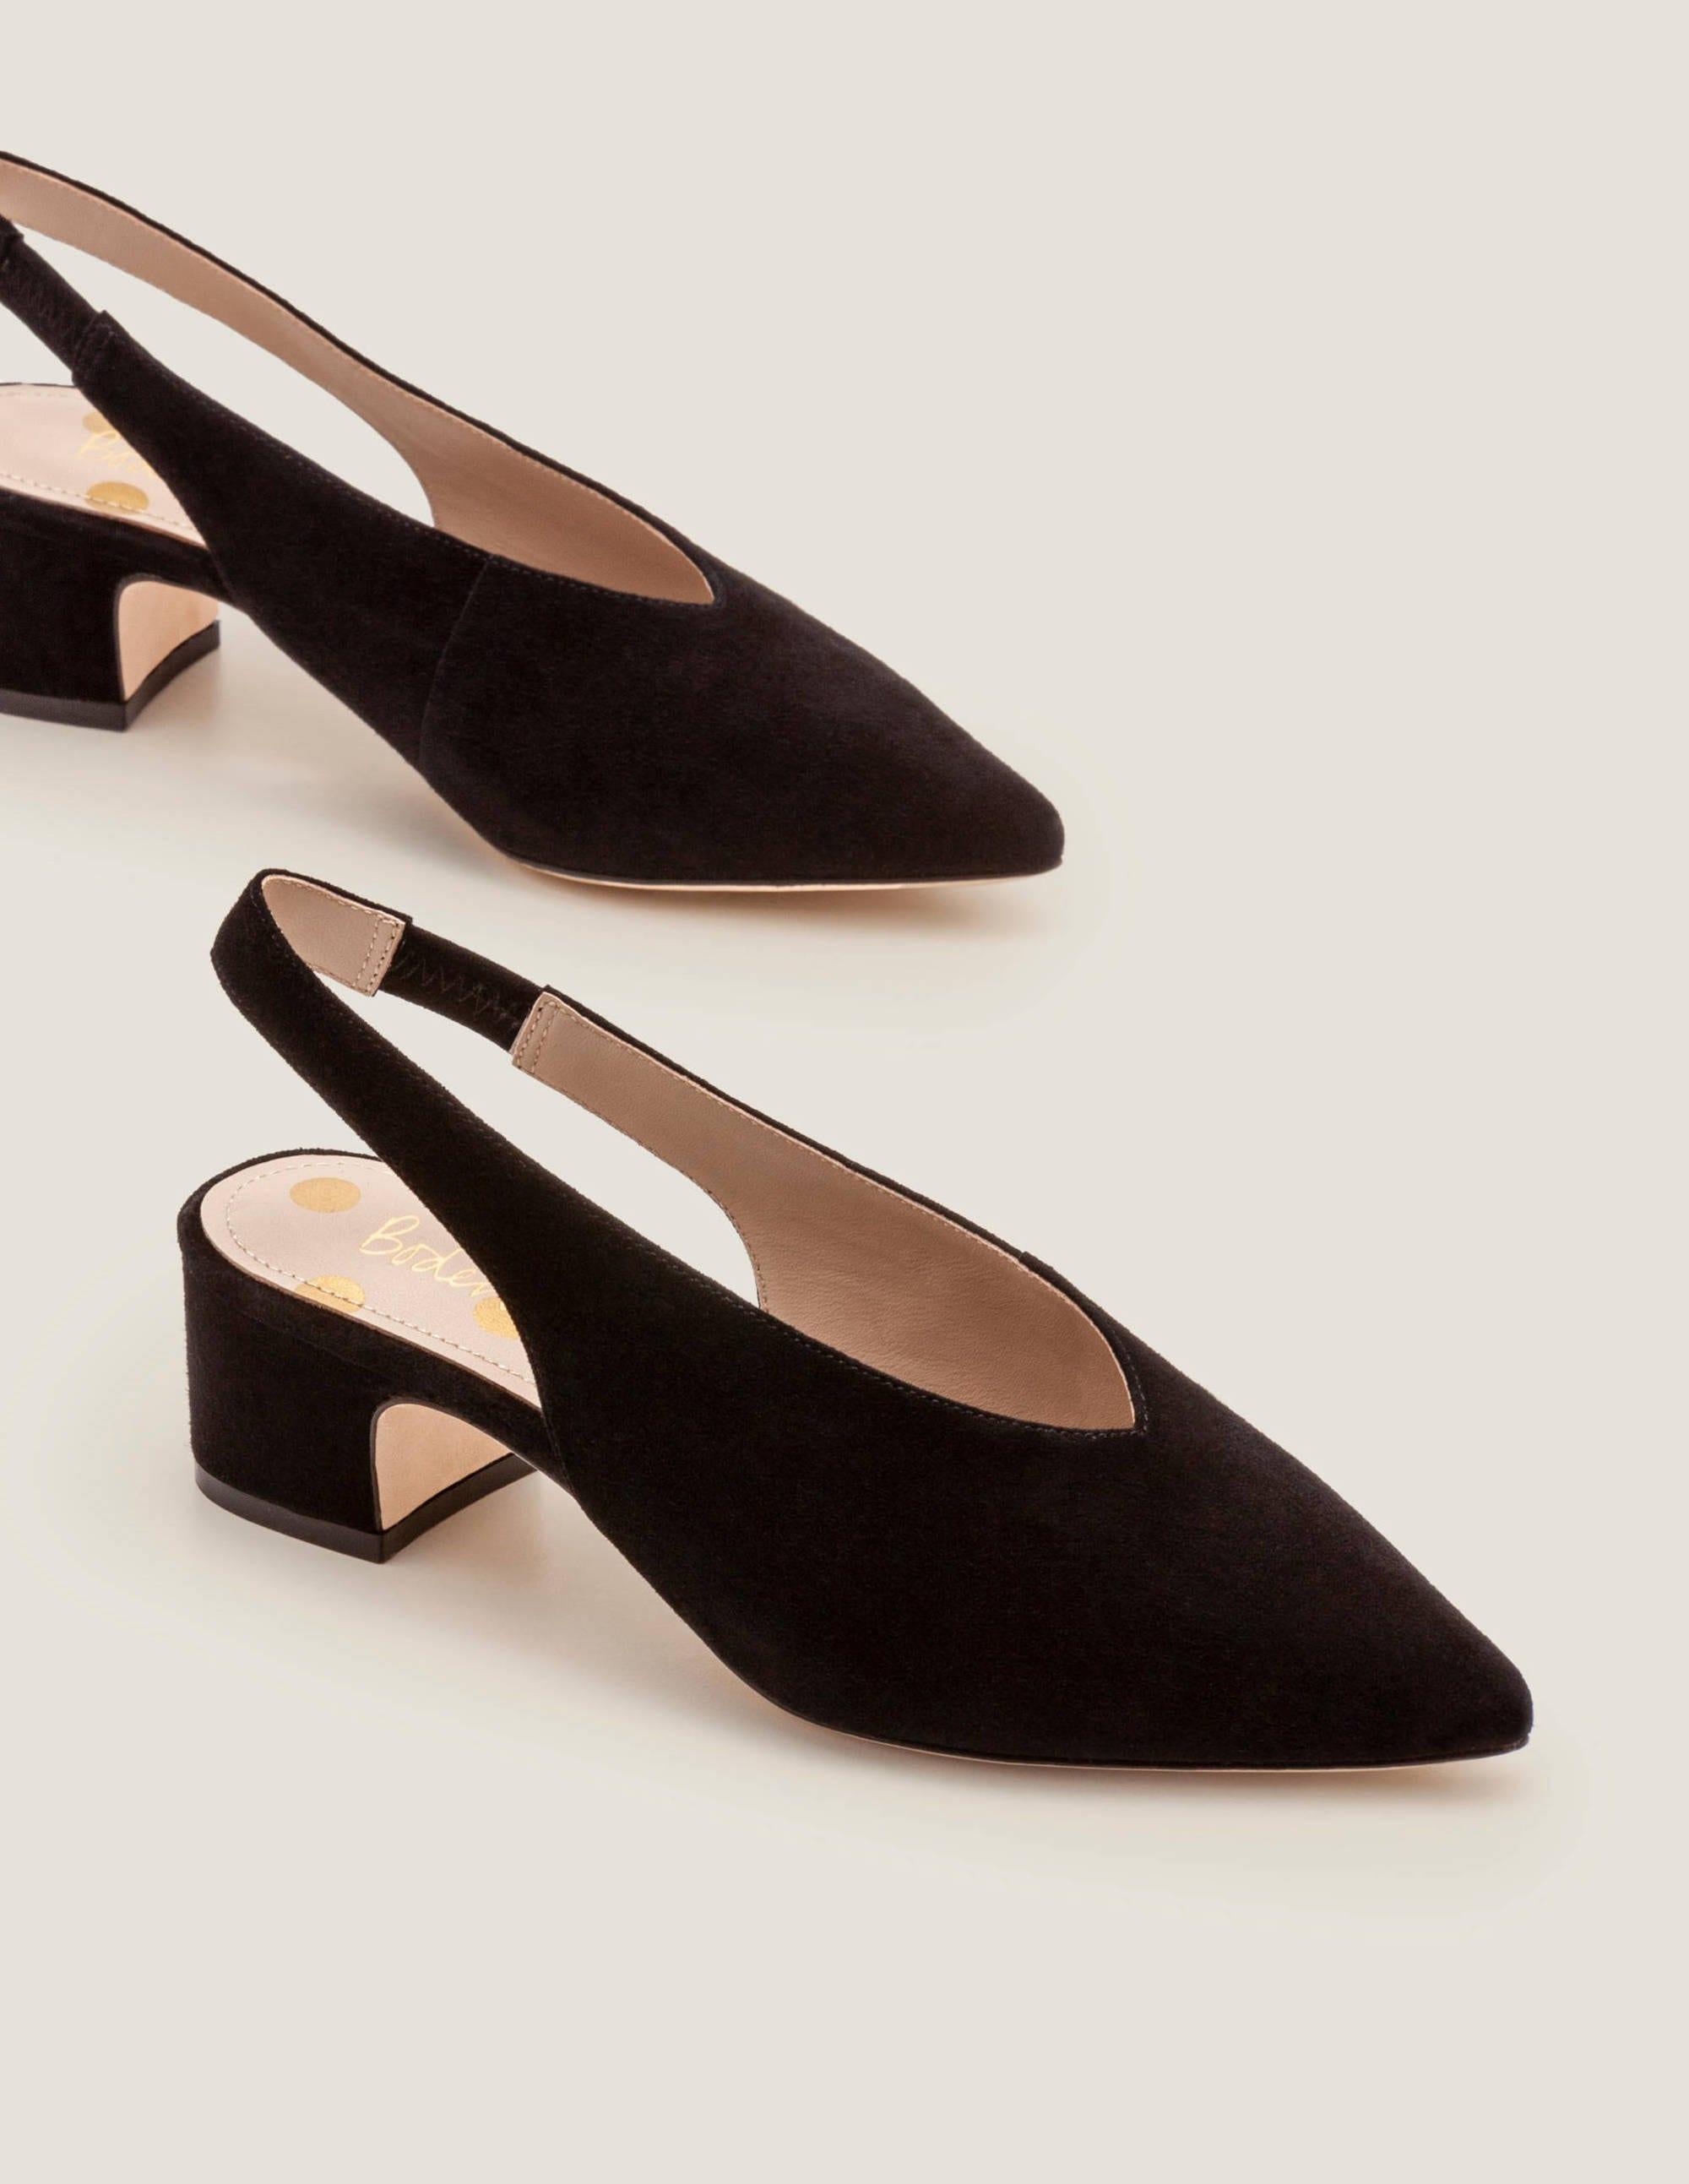 Lena Slingback Heels - Black | Boden US